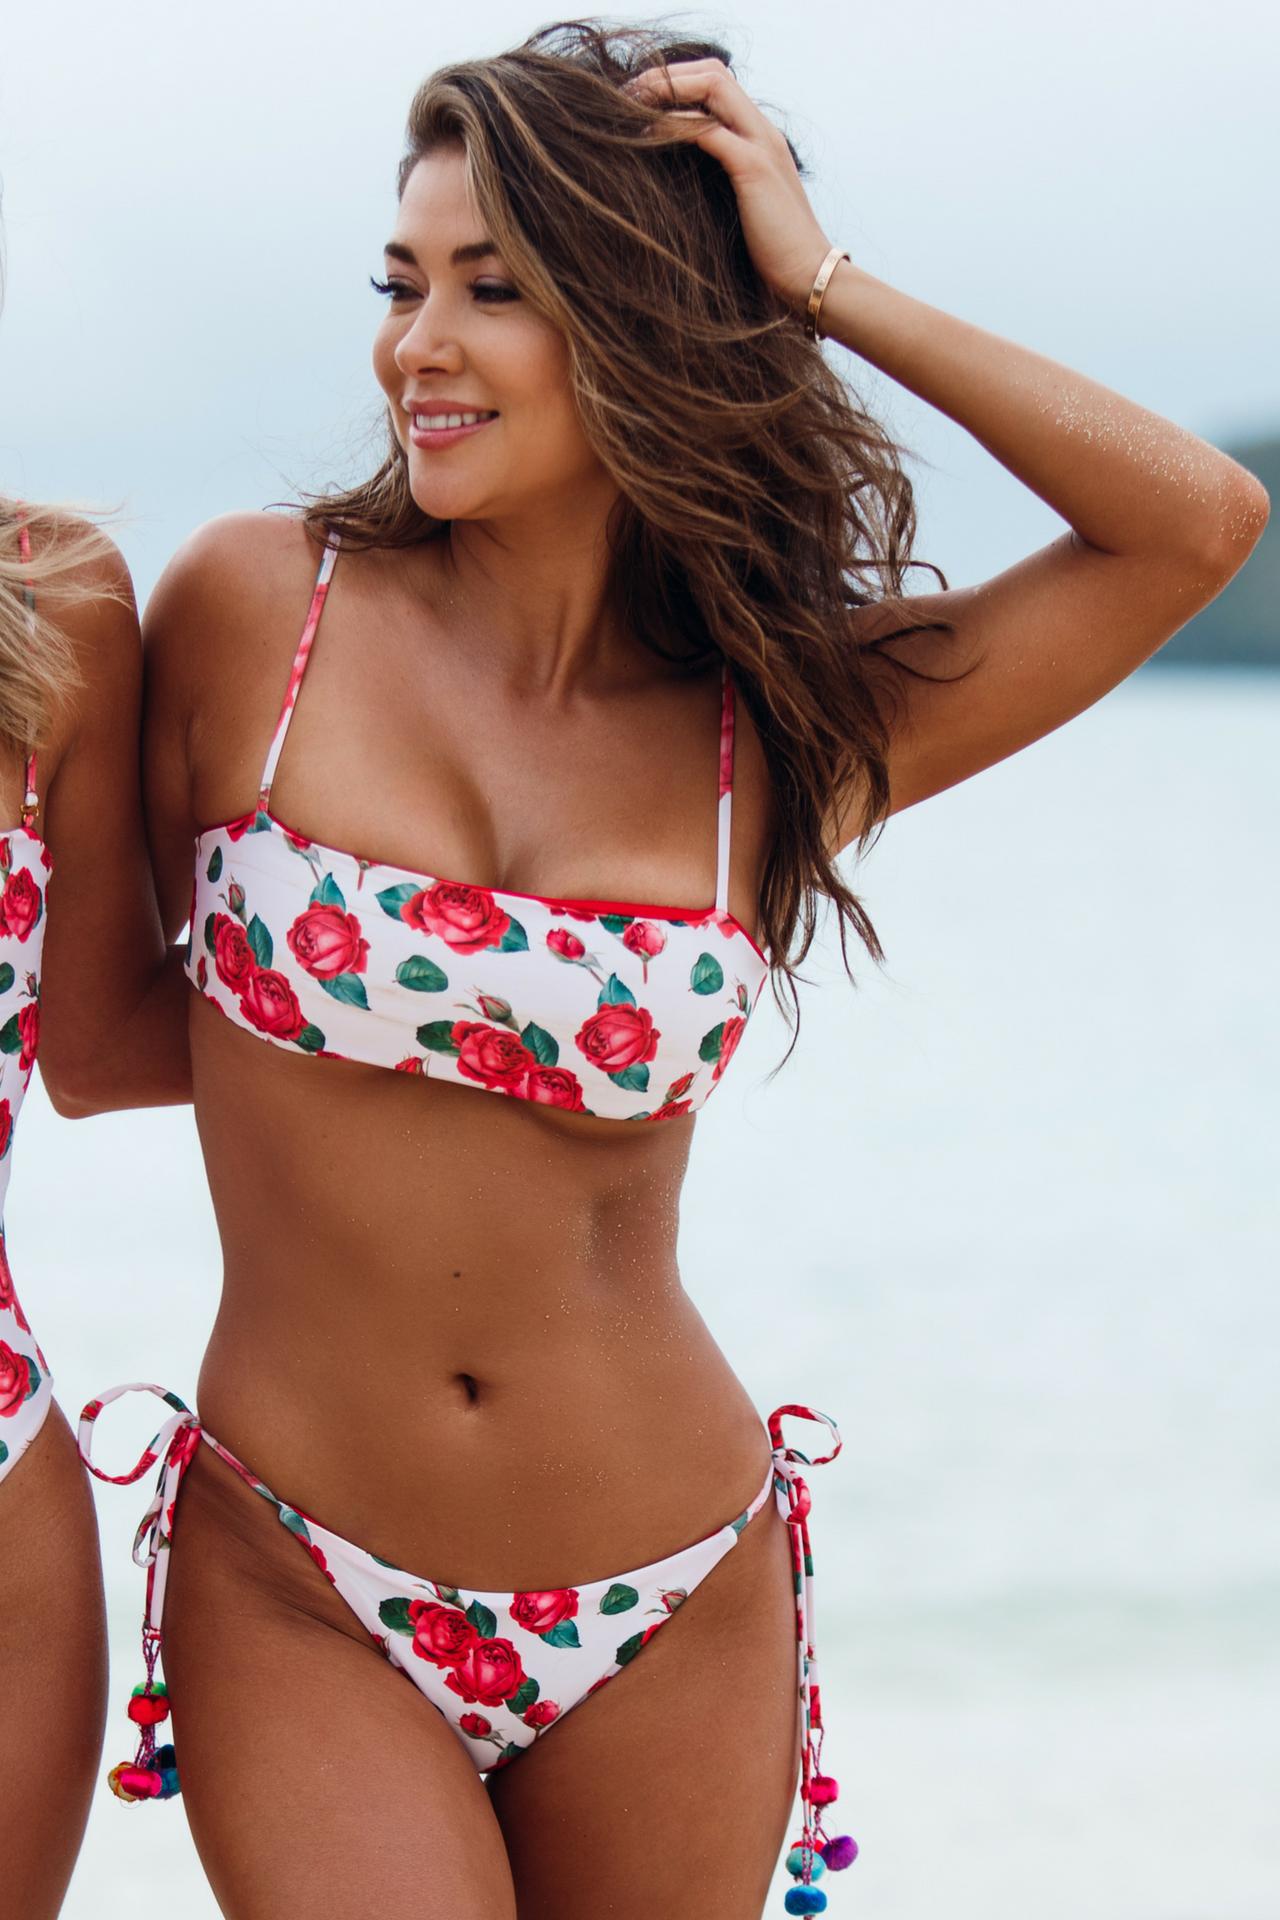 El bikini es reversible, por un lado tiene un estampado de rosas y por otro es de color rojo.